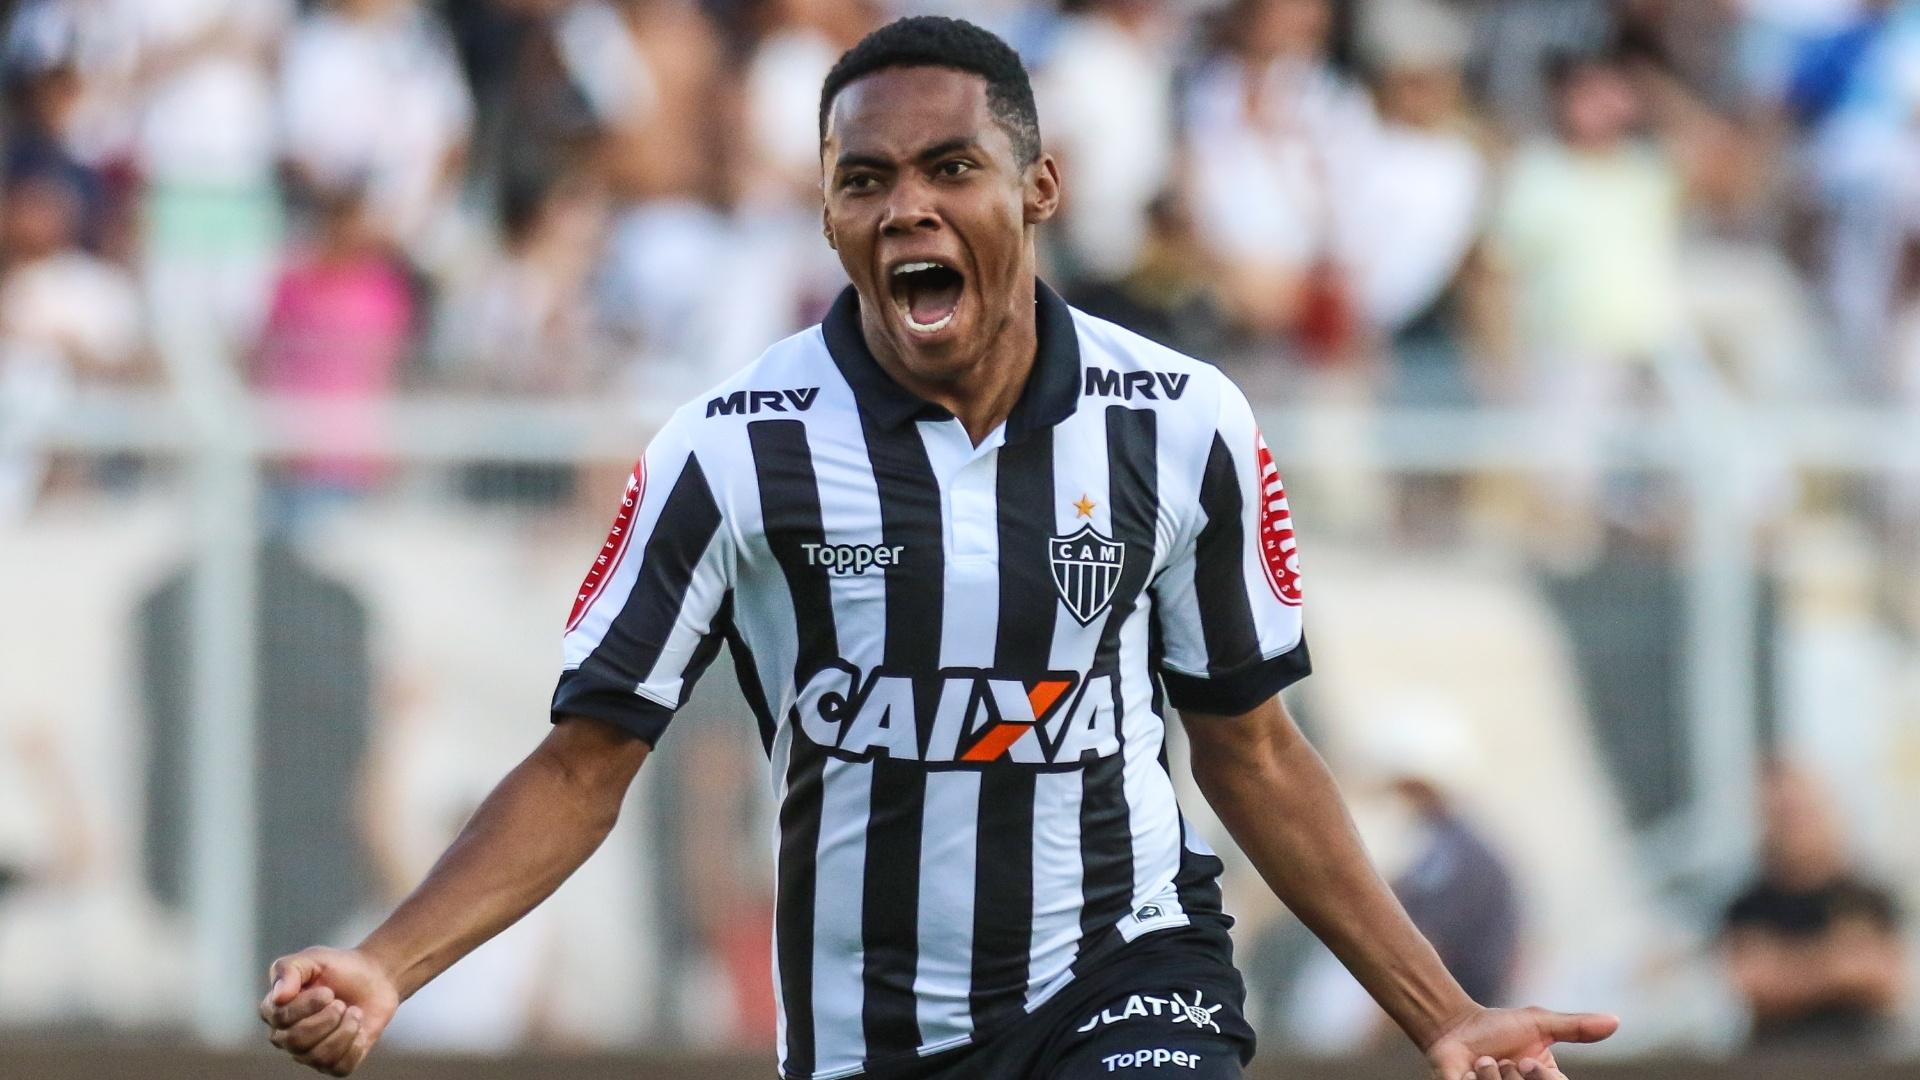 Vitória do Atlético-MG sobre a Ponte teve gol de Elias